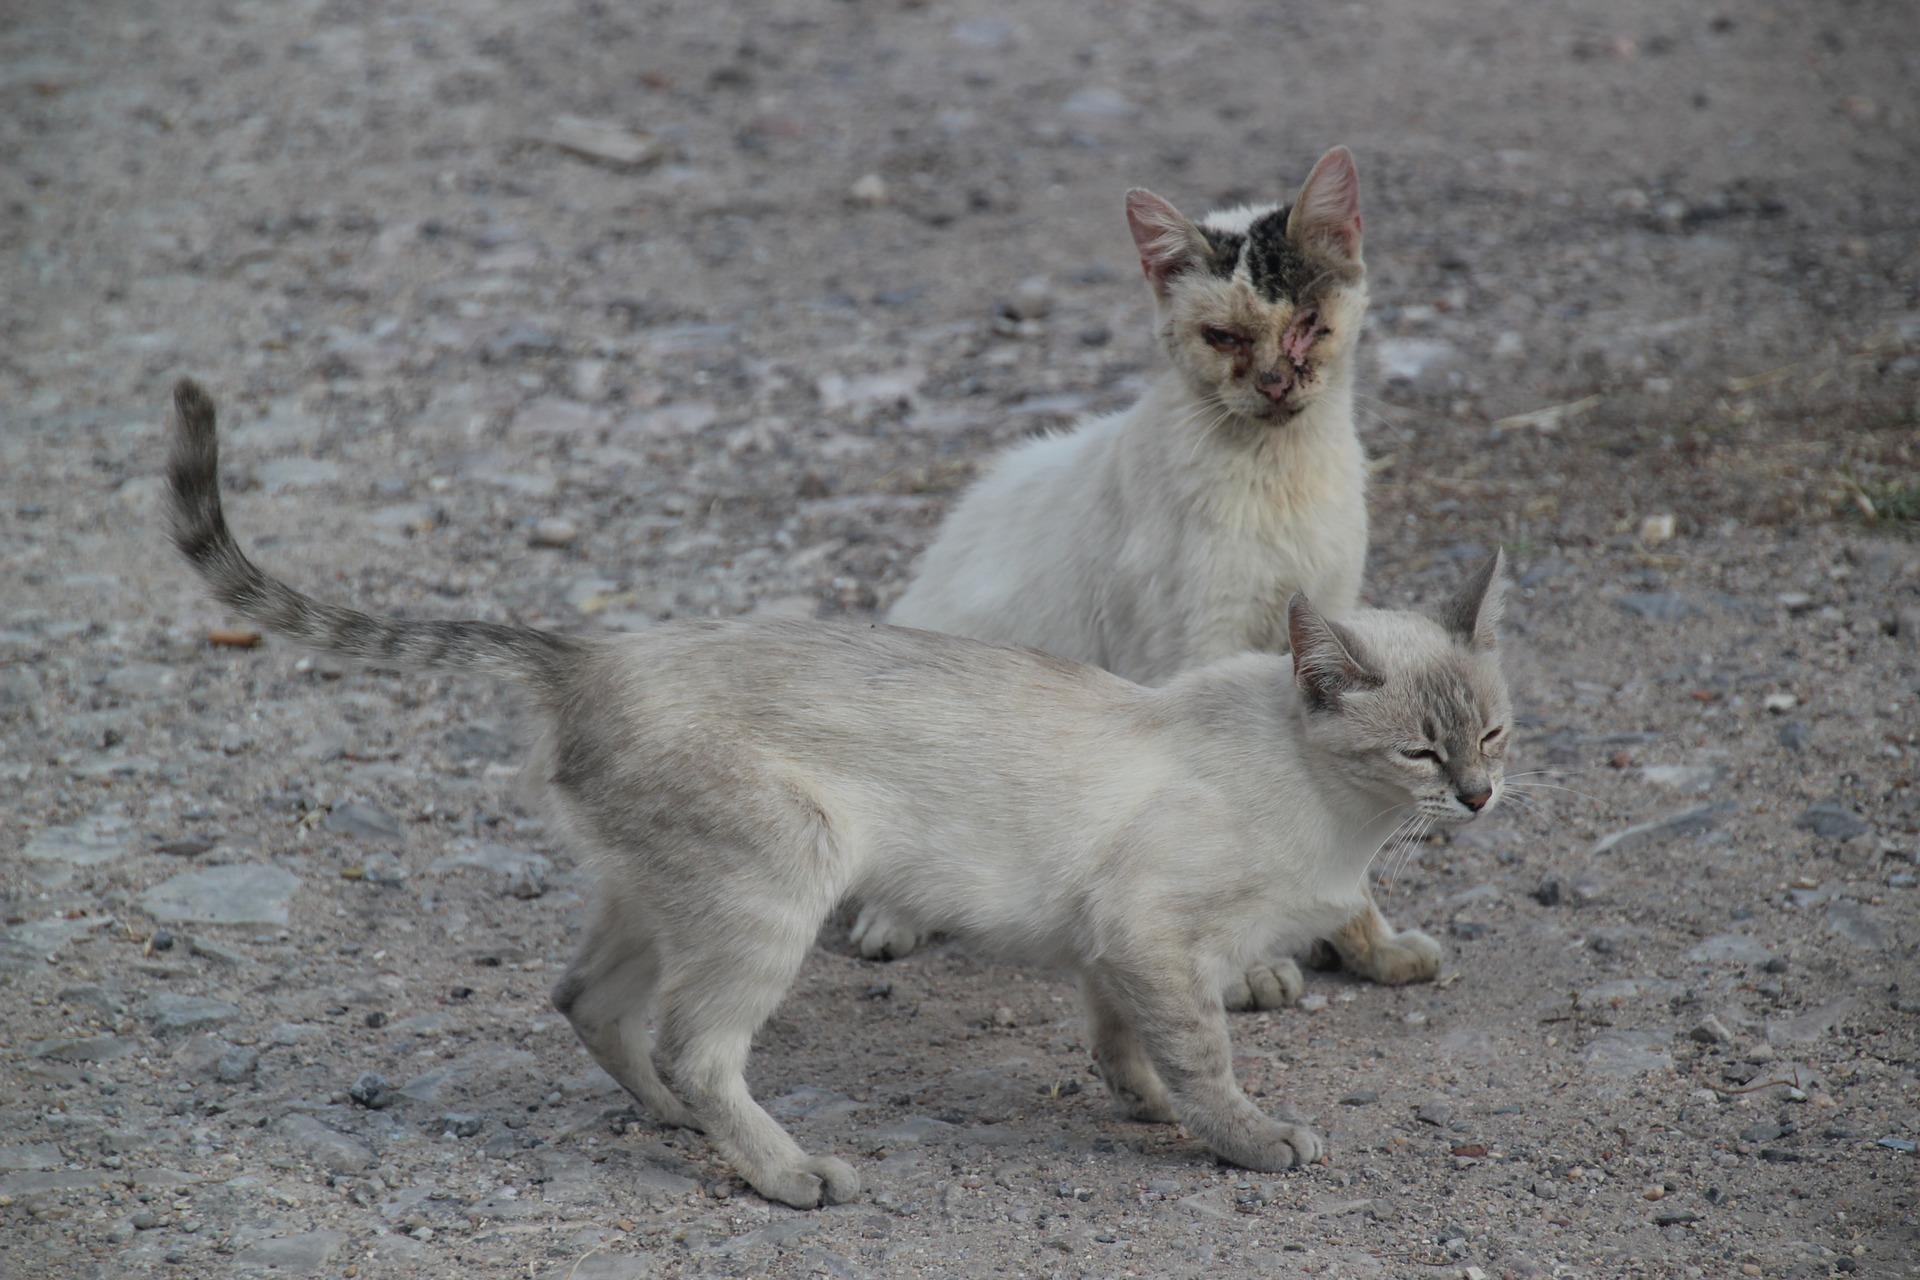 Ka tänaval sündinud kassipoegade esivanemad on kunagiste kodukasside järglased. Foto: Pixabay